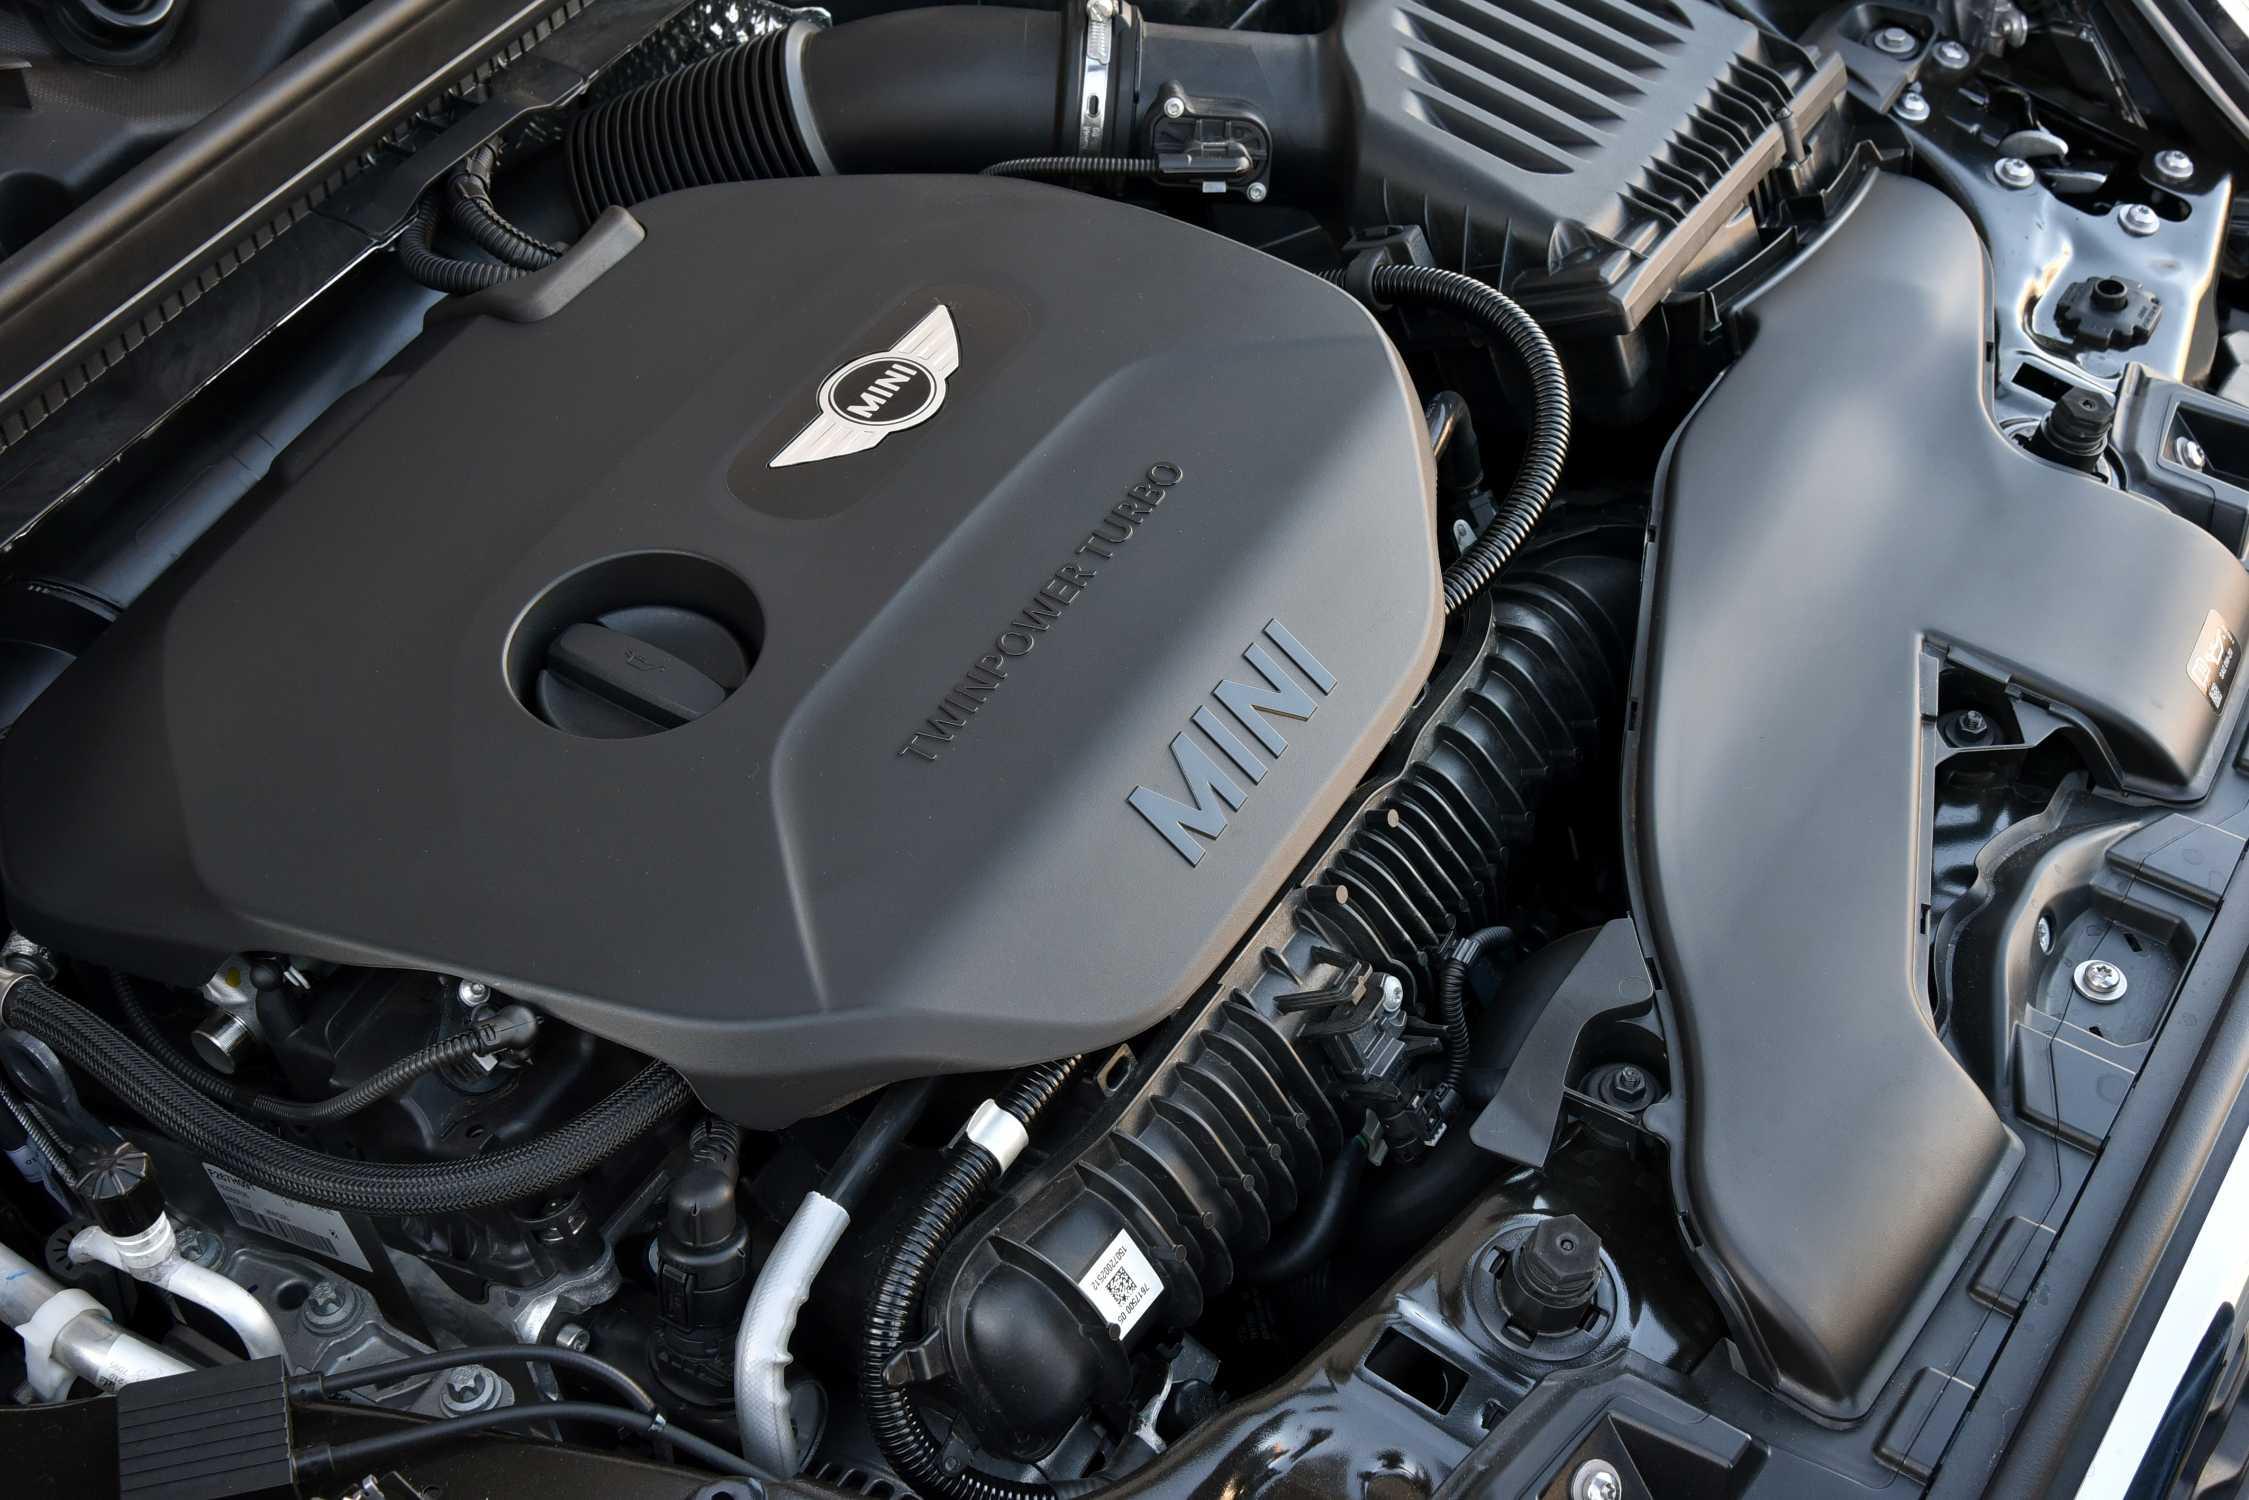 MINI Cooper S Convertible  2 0 litre MINI TwinPower Turbo in